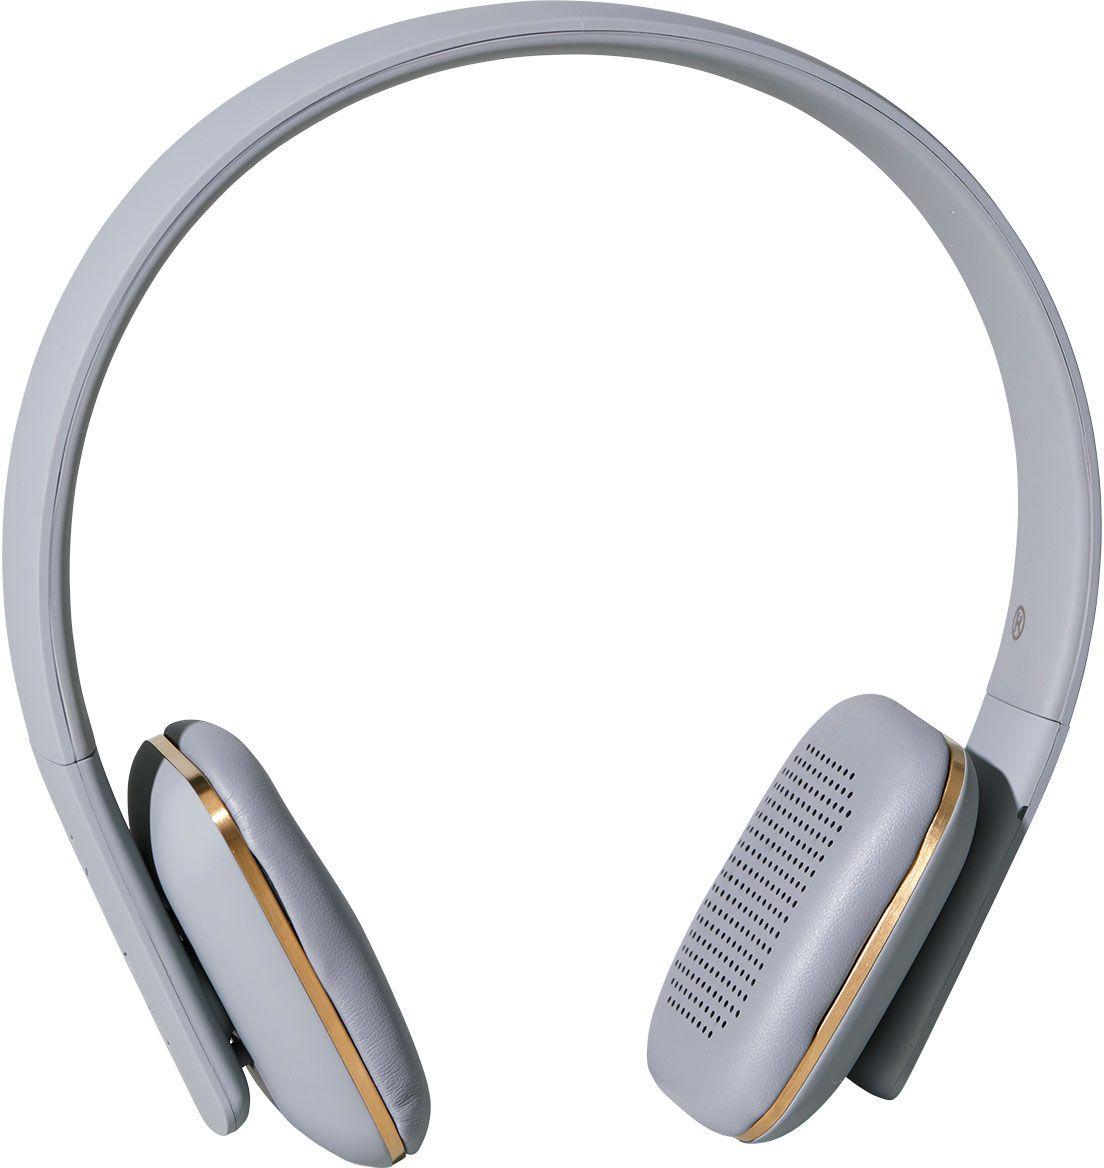 Kreafunk aHEAD, Grey наушникиKfss09aHEAD – беспроводные наушники, созданные для настоящих меломанов и модников. Это не только полезный гаджет, но и стильный аксессуар, который дополнит имидж и подчеркнет индивидуальность. Наушники оснащены Bluetooth-гарнитурой и совместимы с любым смартфоном. Панель управления находится на одном из наушников, что позволяет легко регулировать музыку, уровень громкости или даже принимать телефонные звонки. Подушки наушников выполнены из мягкой эко-кожи, а настраиваемый ободок имеет приятное покрытие soft touch. Великолепное качество звука, простота эксплуатации и лаконичный дизайн – этим гаджетом захочется пользоваться изо дня в день. В комплекте фирменный мешочек из PU кожи. Поставляются в стильной деревянной упаковке, поэтому могут стать отличным подарком меломанам и всем поклонникам скандинавского дизайна. Также коробку украшают слова Фридриха Ницше: «Без музыки жизнь была бы ошибкой».Технические характеристики:Аккумулятор (Li-ion) 195 мАчДо 14 часов беспрерывной работы Bluetooth 4.0+EDRДиапазон воспроизводимых частот: 80 Гц - 20 кГцНизкий уровень шума и эхо CVC 6.0 Время работы 20 дней в режиме ожидания Продолжительность зарядки: 2,5 часаПанель управления: громкость, пропуск записи, воспроизведение, пауза, ответить/завершить вызовВстроенный микрофонДинамик 40 мм, сильный и чистый низкий звукЗарядный кабель micro-USB - USB в комплектеМеждународные сертификаты: CE, FCC, RoHS, WEEE